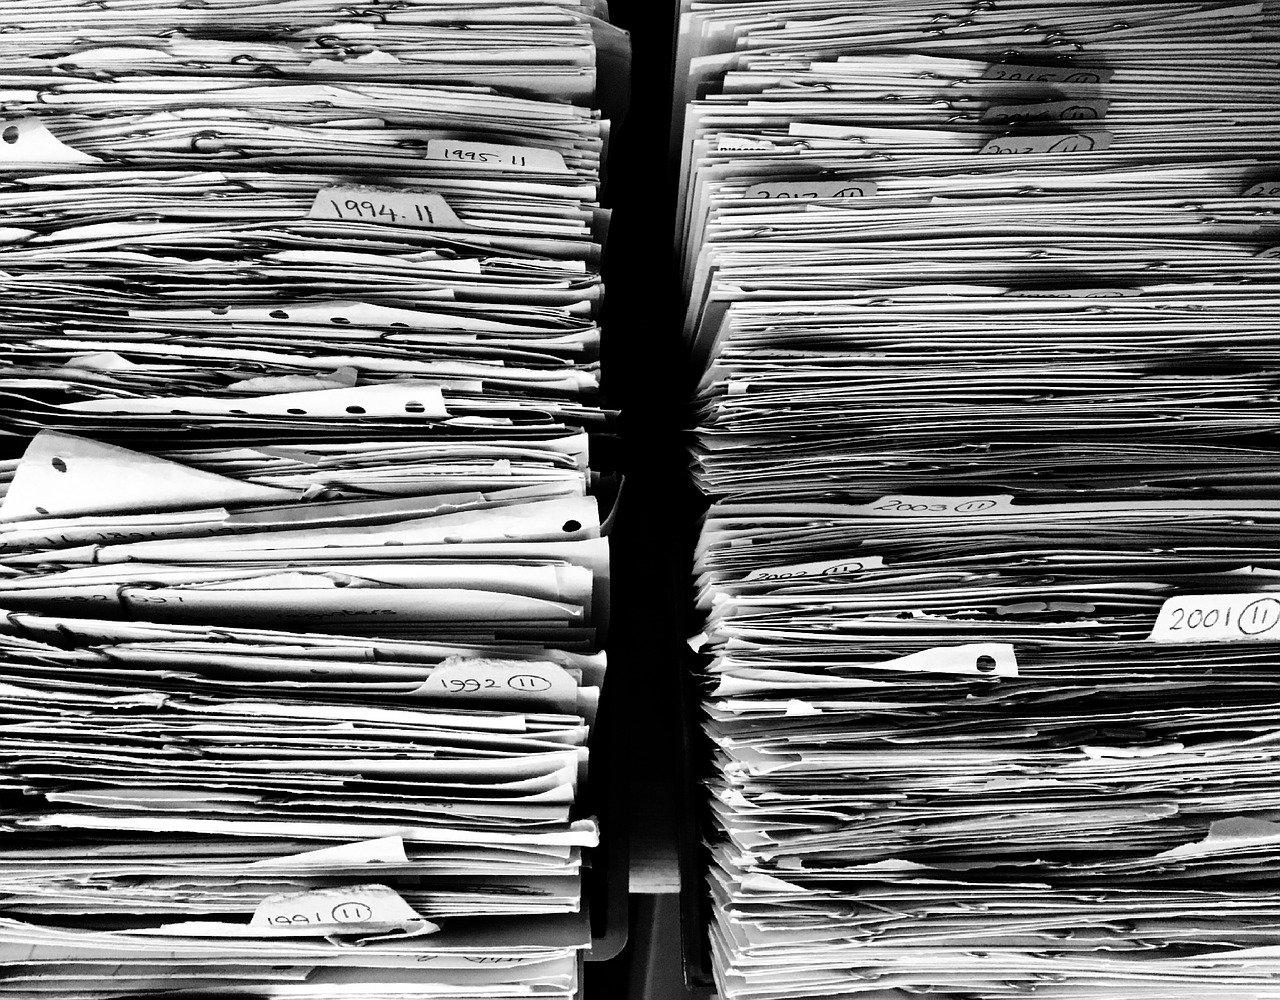 Росреестр по итогам 2020 года выдал более 98 млн выписок из ЕГРН